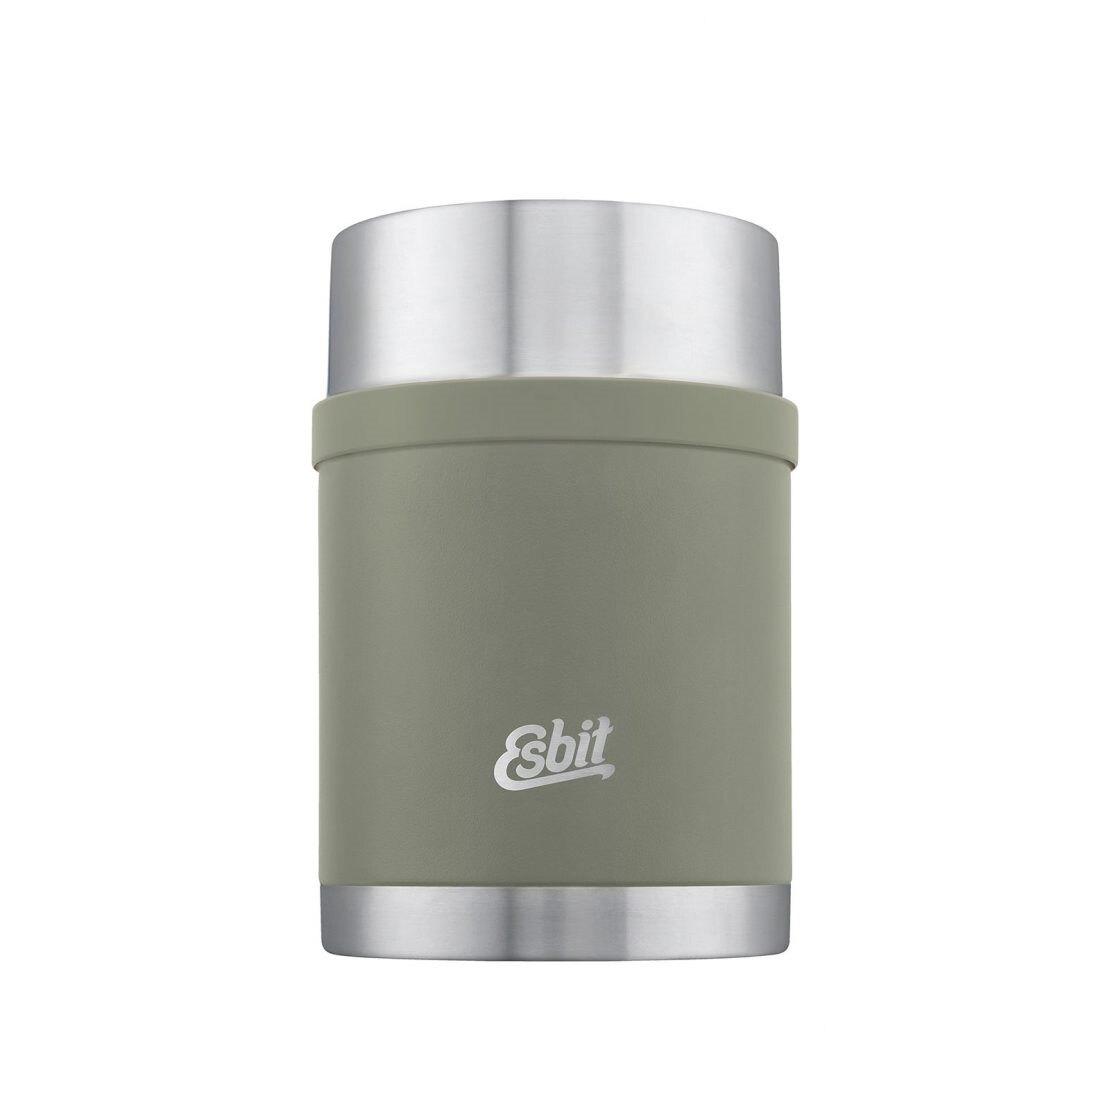 Nerezová termoska na jedlo Sculptor ESBIT® 0,75 l – Stone grey olive (Farba: Stone grey olive)